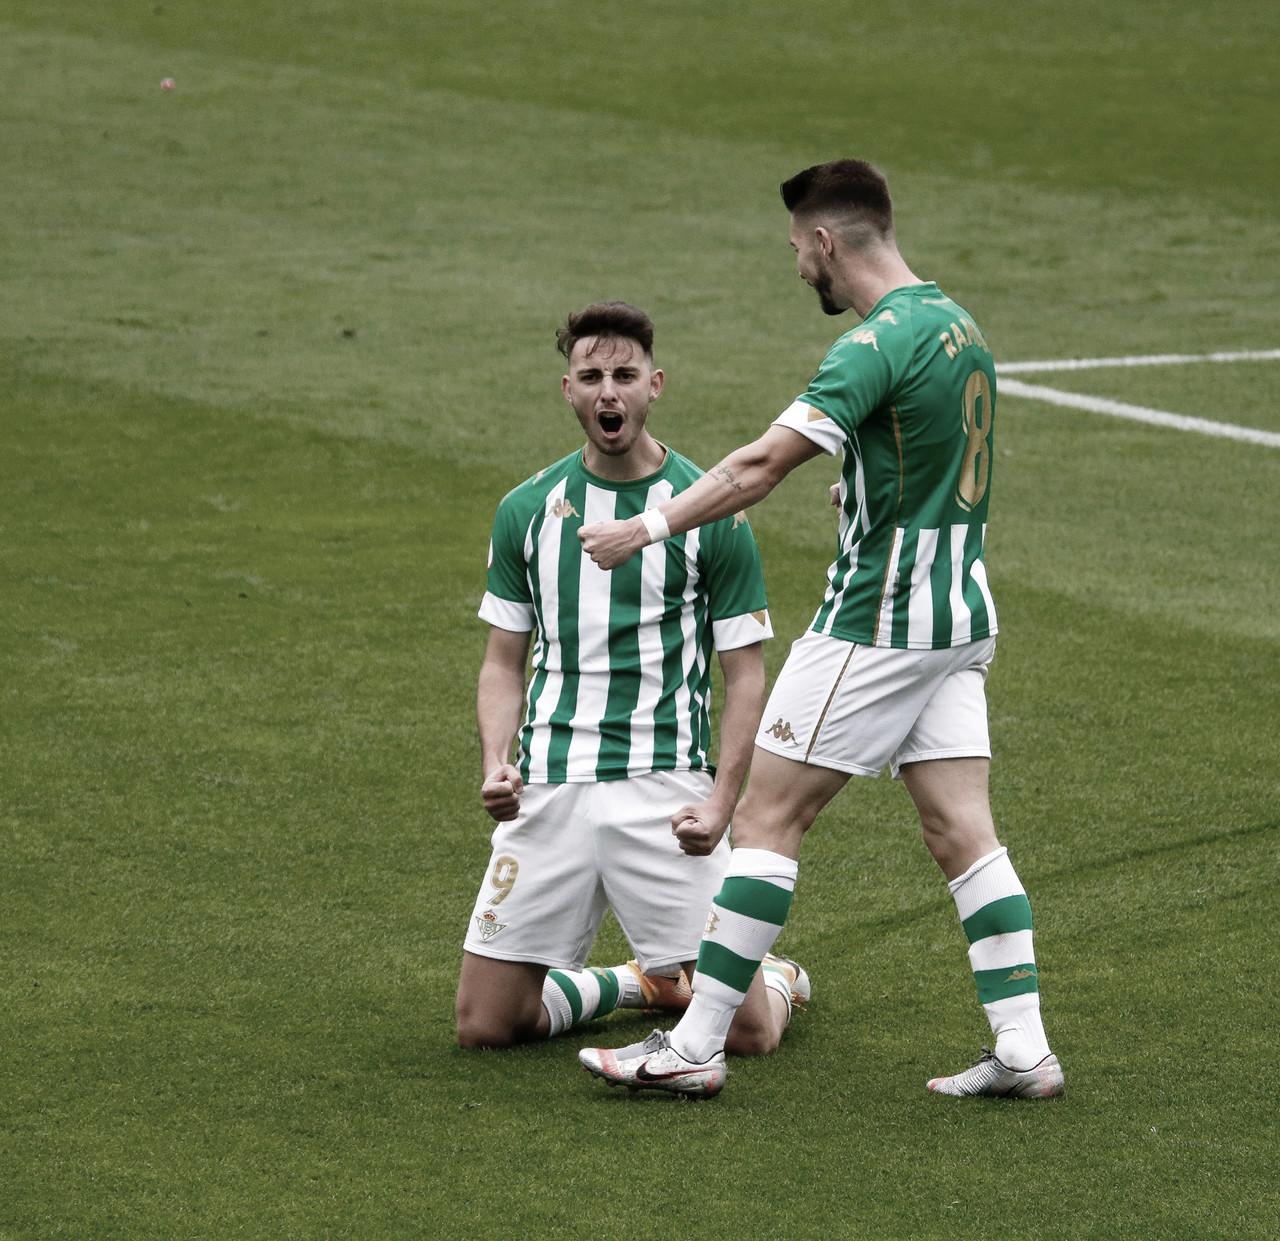 Betis Deportivo 1 Poli Ejido 0 : una vez más, Raúl